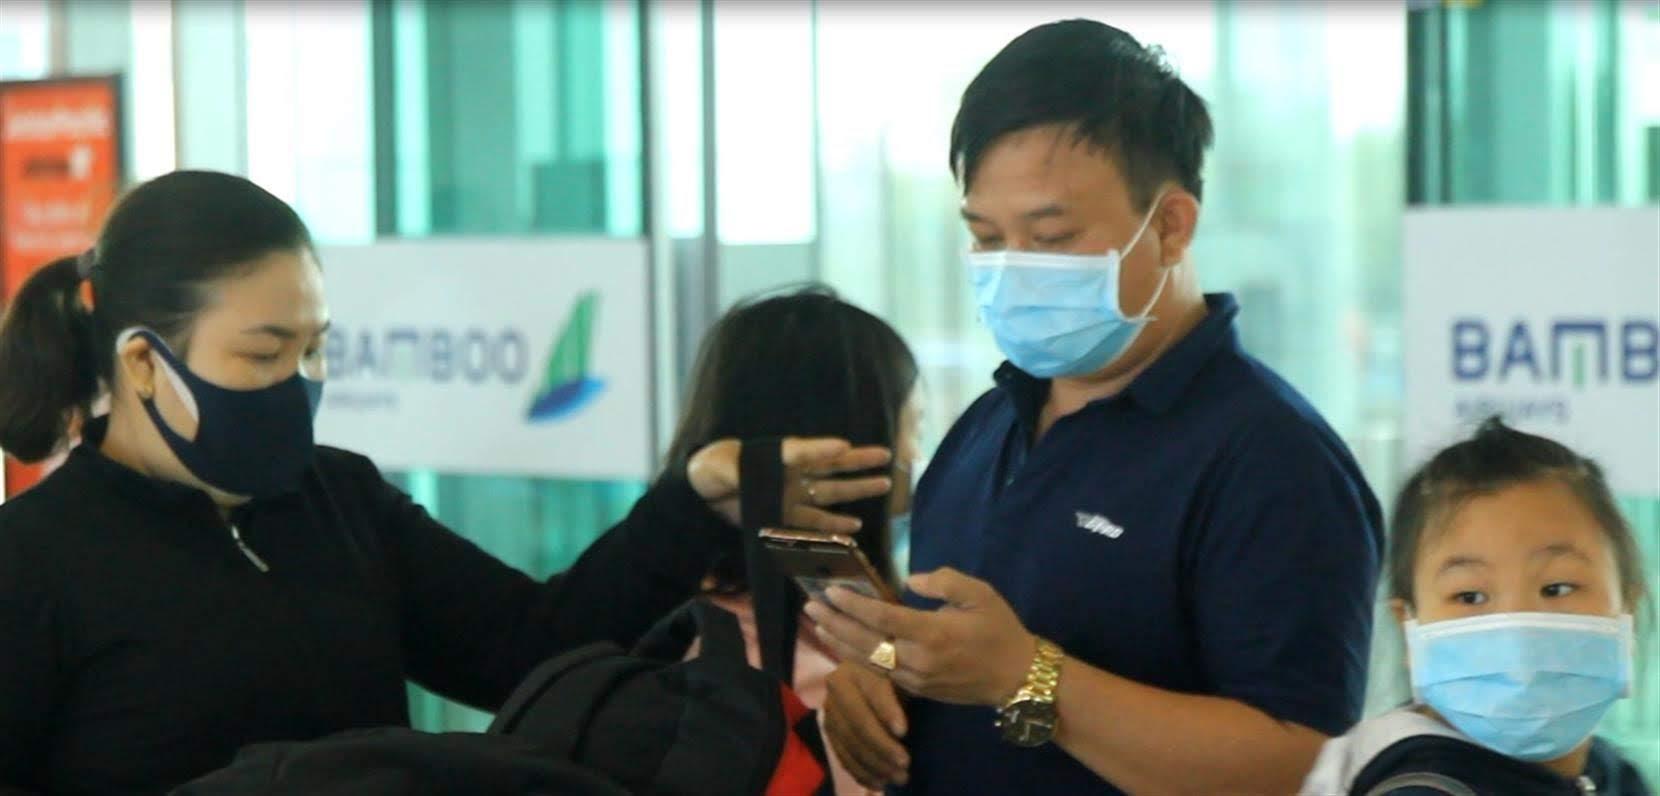 Vì đang trong mùa dịch nên hầu hết các hành khách đều hạn chế nói chuyện, trao đổi.